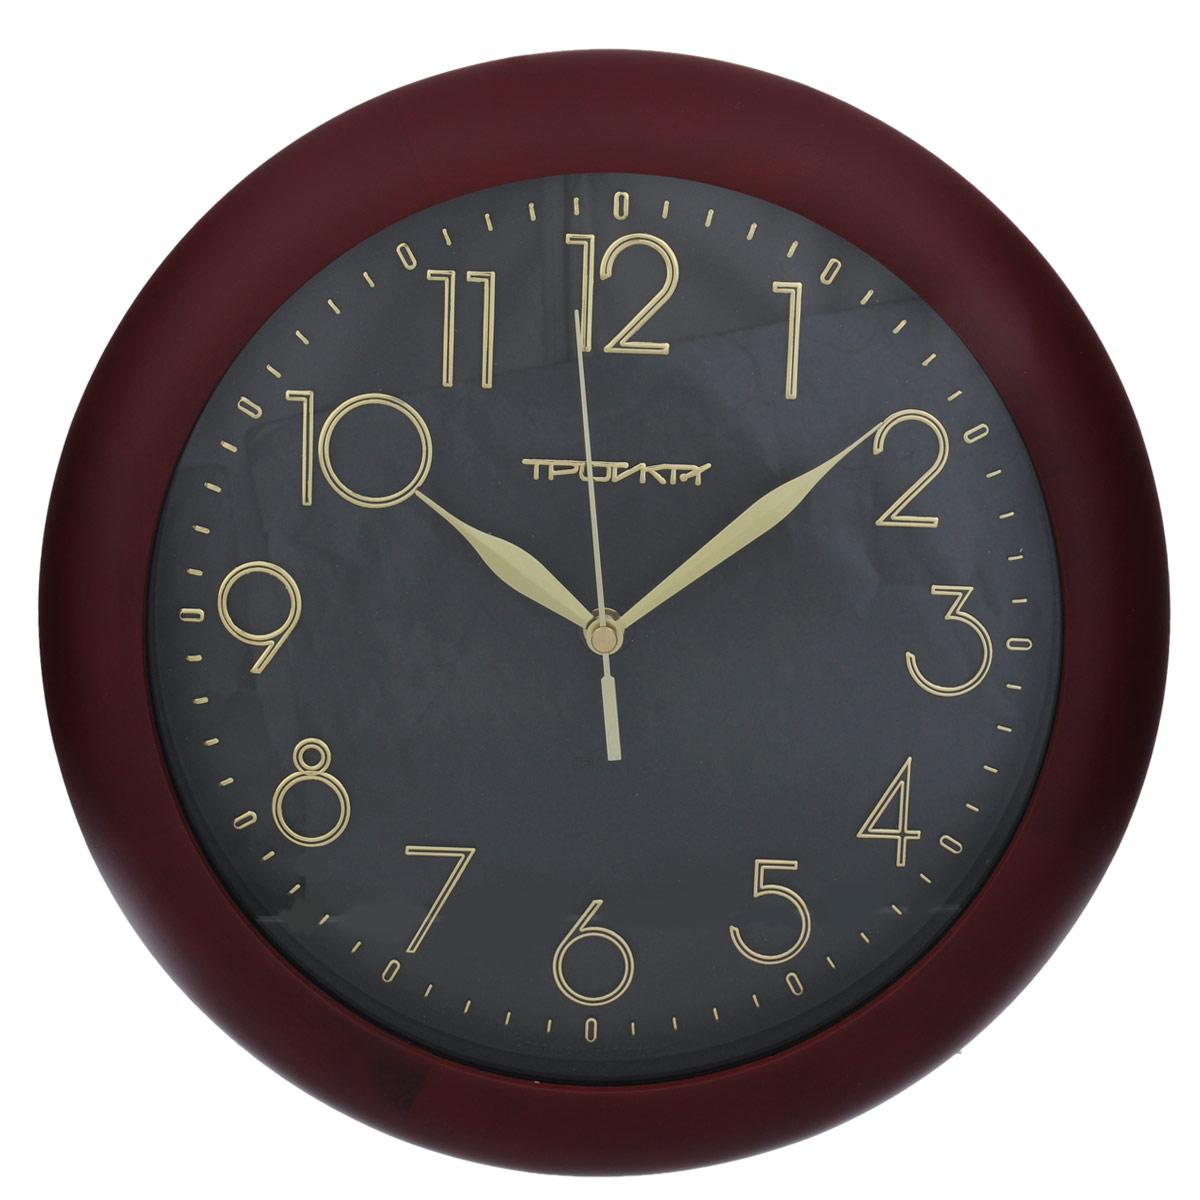 Часы настенные Troyka, цвет: черный, вишневый. 1116218011162180Настенные кварцевые часы с классическим дизайном Troyka, изготовленные из пластика, прекрасно подойдут под интерьер вашего дома. Круглые часы имеют три стрелки: часовую, минутную и секундную, циферблат защищен прозрачным пластиком.Диаметр часов: 30 см.Часы работают от 1 батарейки типа АА напряжением 1,5 В (входит в комплект).